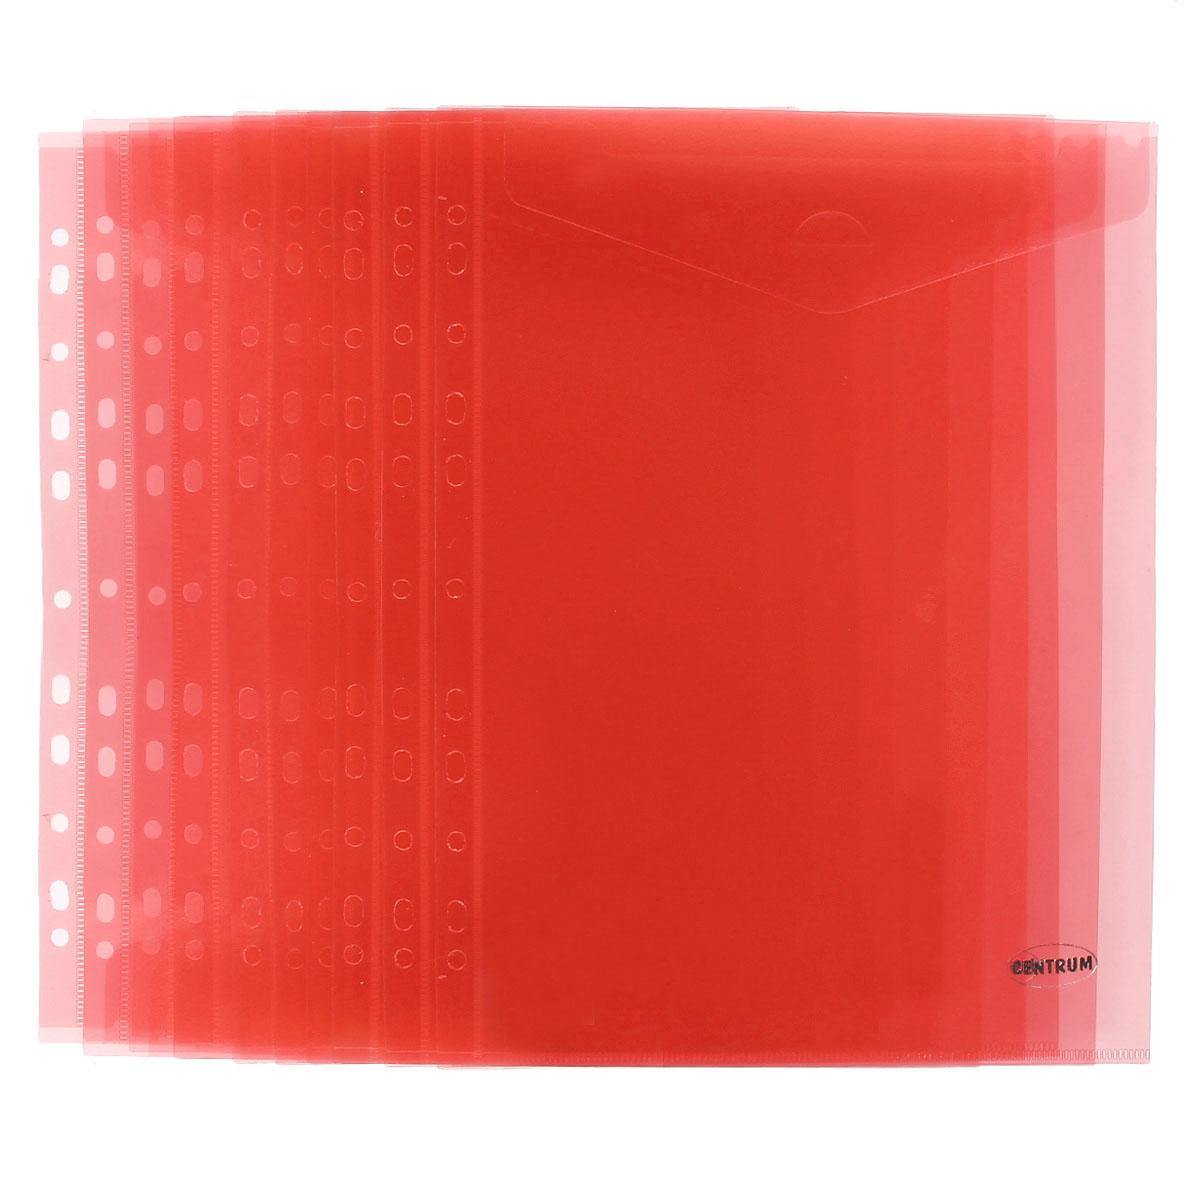 Папка-конверт Centrum, вертикальная, с перфорацией, цвет: красный. Формат А4, 10 штПкм4к_08880Папка-конверт Centrum - это удобный и практичный офисный инструмент, предназначенный для хранения и транспортировки рабочих бумаг и документов формата А4. Папка изготовлена из полупрозрачного матового пластика, имеет перфорацию. В комплект входят 10 папок формата А4. Папка-конверт - это незаменимый атрибут для студента, школьника, офисного работника. Такая папка надежно сохранит ваши документы и сбережет их от повреждений, пыли и влаги.